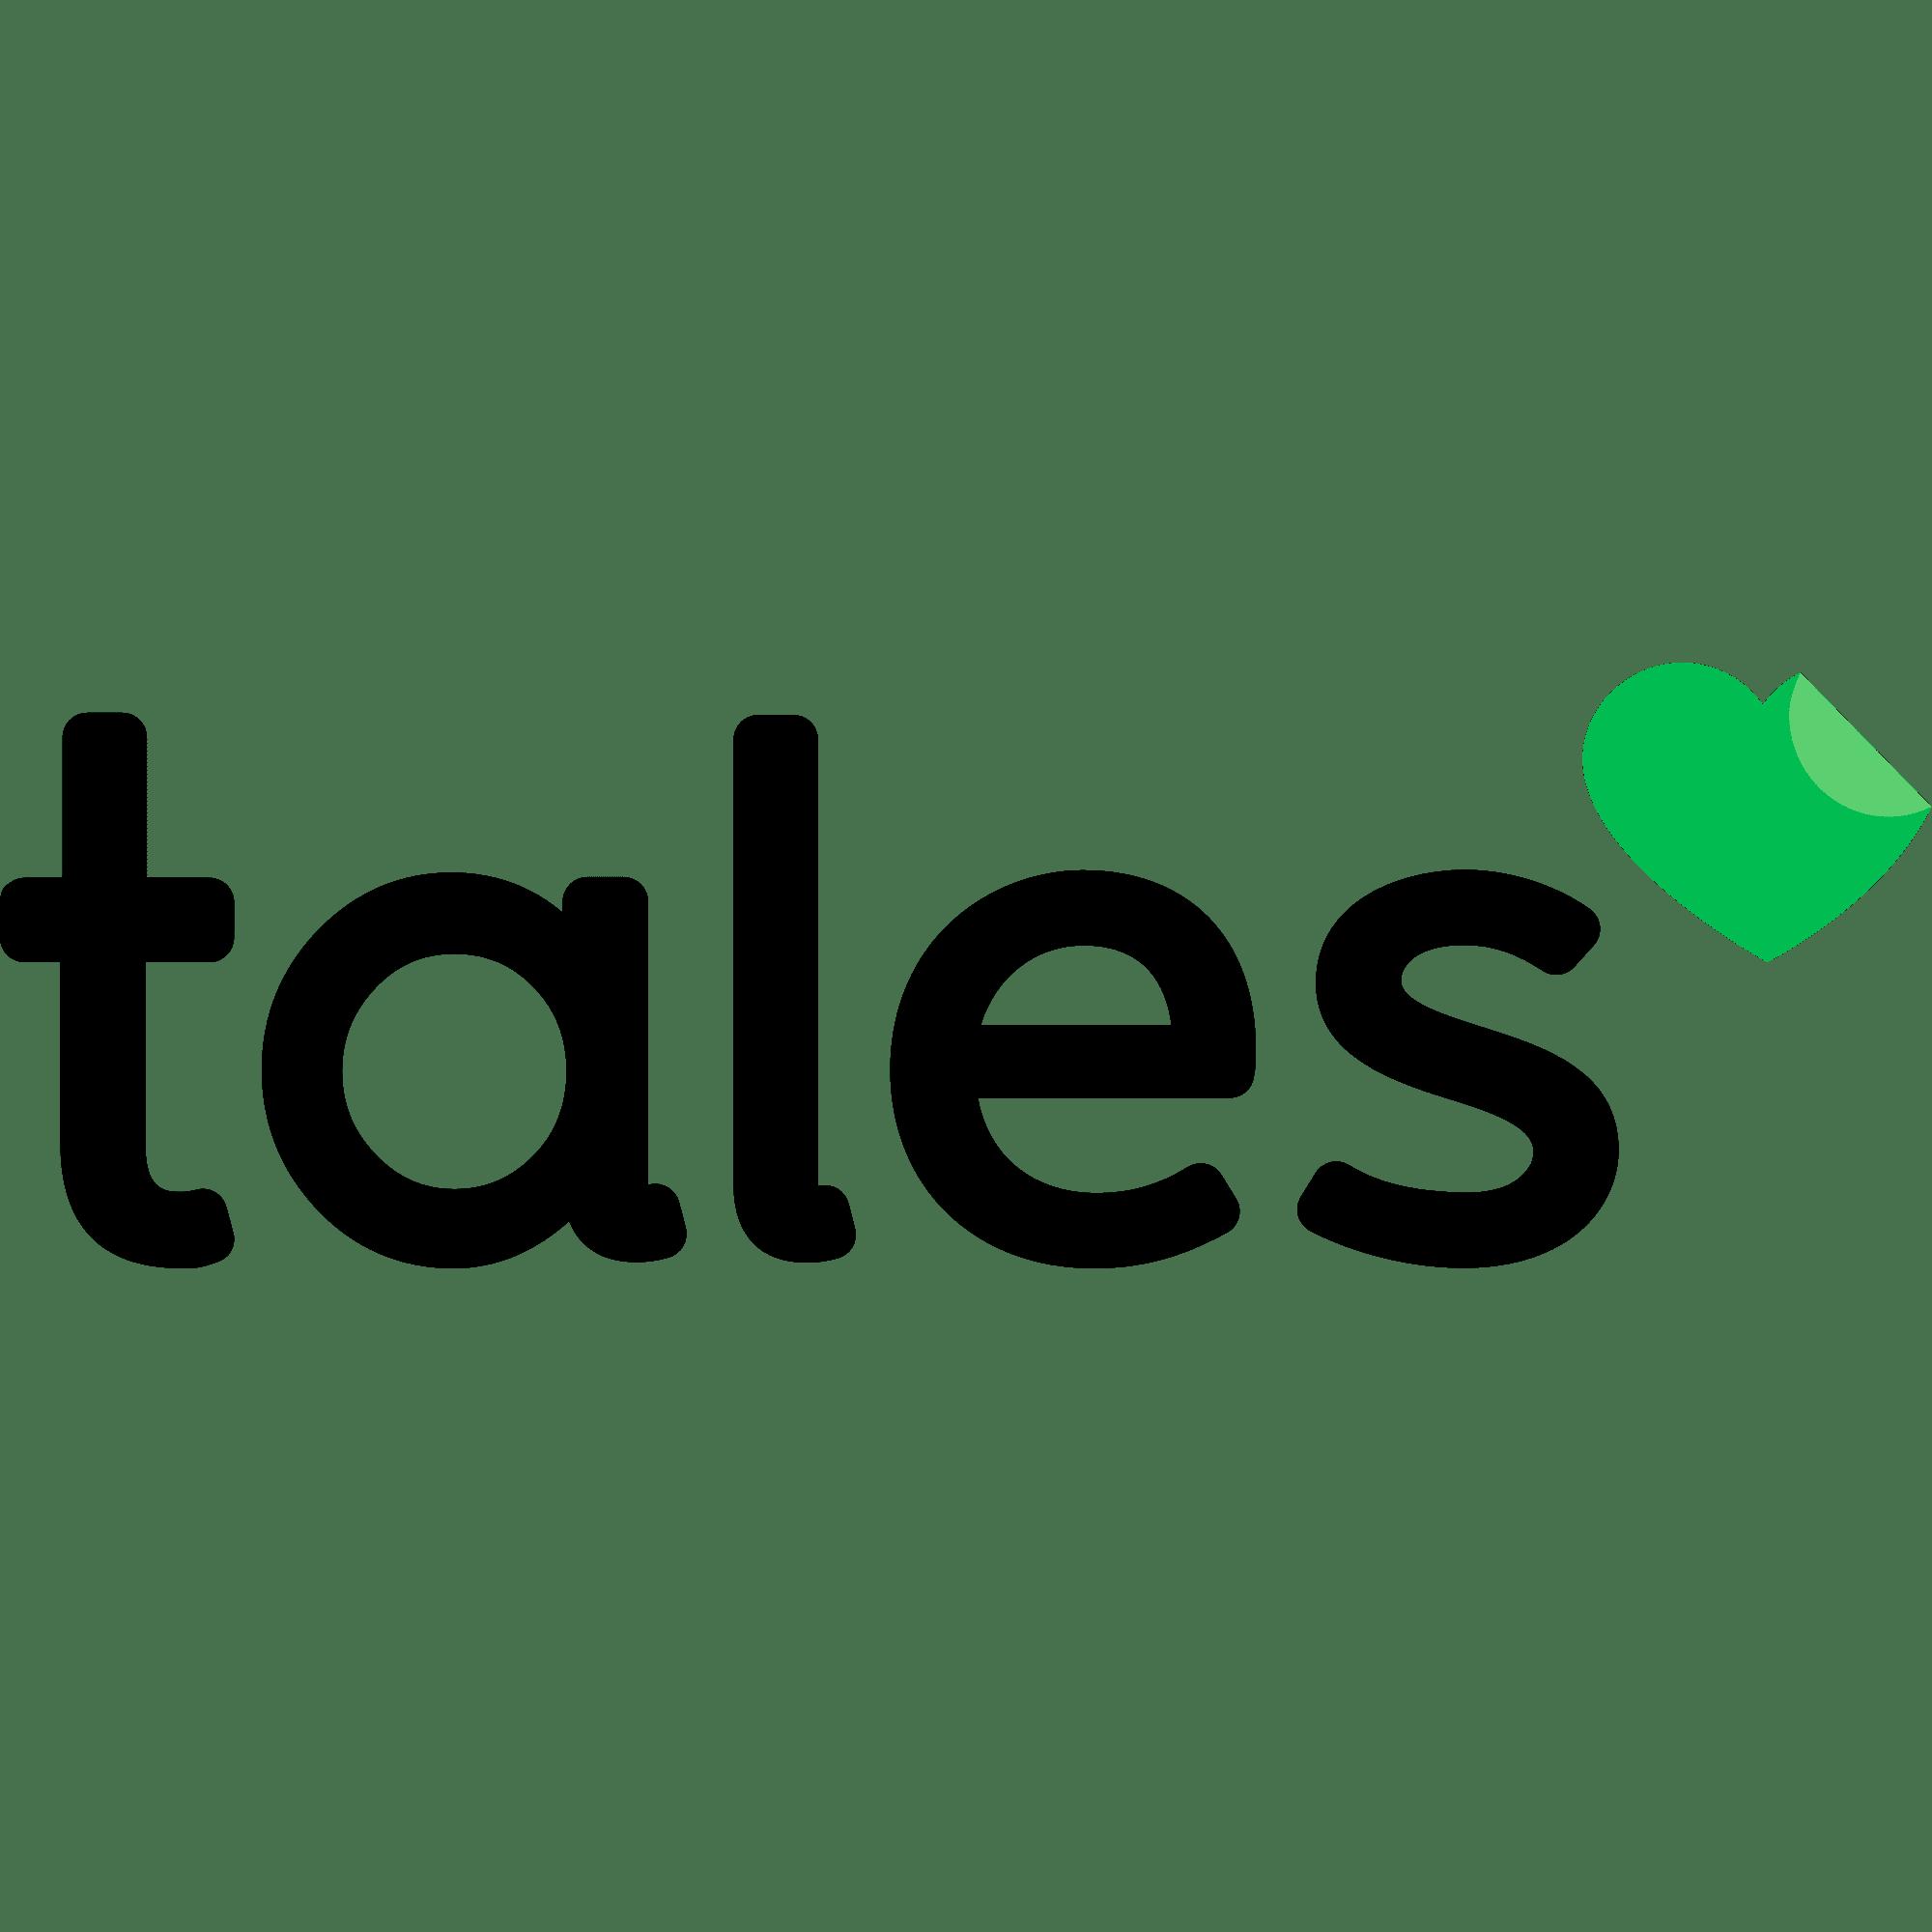 Se alle tales's deals